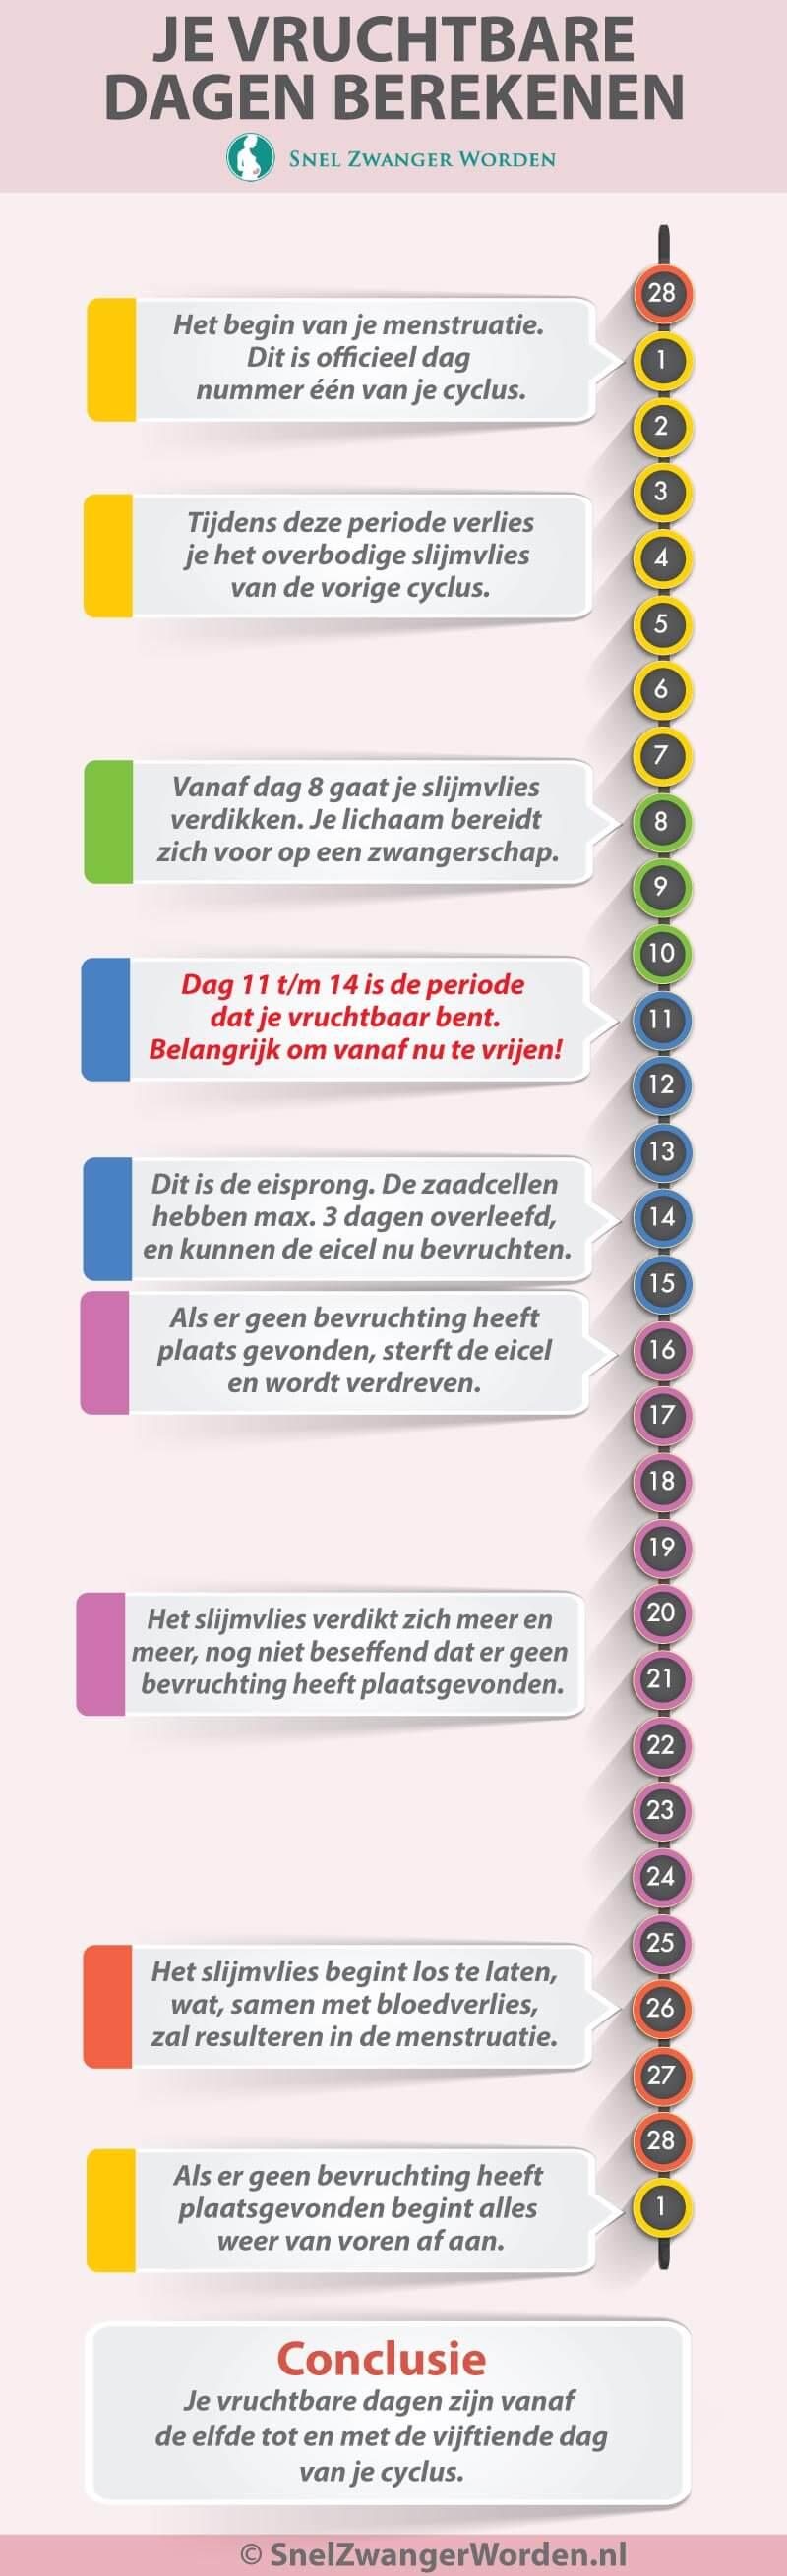 Ovulatietest Doen Bereken Je Vruchtbare Dagen Via Online Calculator